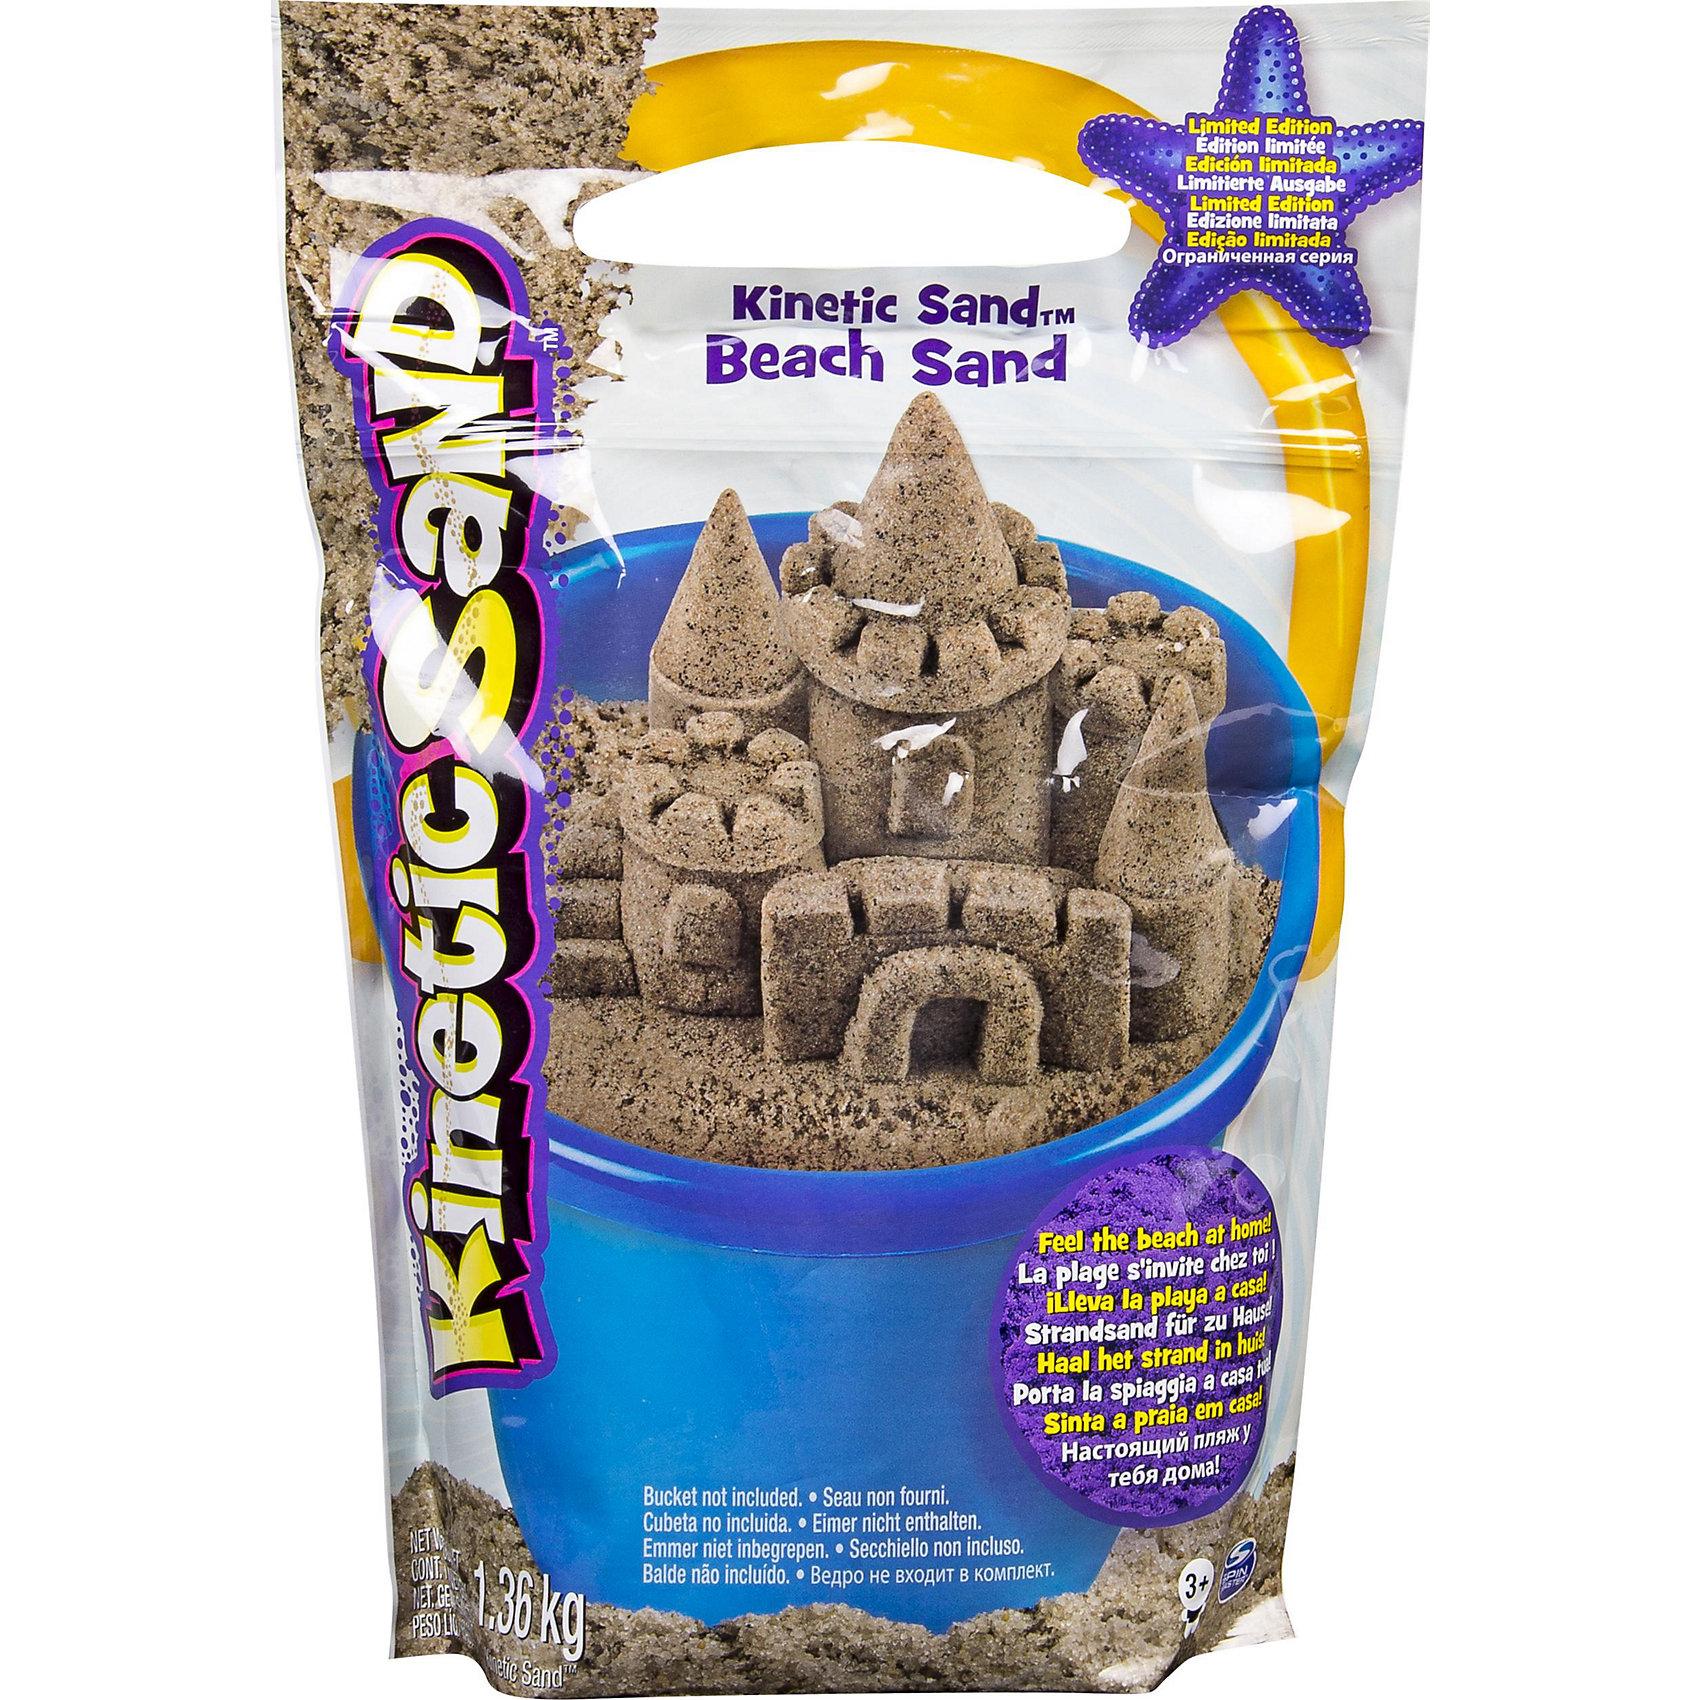 Песок для лепки Kinetic Sand морской песок 1,4 кг коричневыйХарактеристики товара:<br><br>• цвет: коричневый<br>• материал: песок<br>• вес: 1,4 г<br>• размер упаковки: 20х8х28 см<br>• не пачкается<br>• можно играть в помещении<br>• упаковка: пакет<br>• возраст: от трех лет<br><br>Лепка из кинетического песка - очень увлекательный вид творчества! С помощью него можно создать множество различных фигурок. Такой песок поможет даеж маленькому ребенку выразить свои творческие способности. Кинетический песок замечателен тем, что он безопасен для детей, не пачкается и не создает трудностей при уборке после игр.<br>Малыш может прямо дома приступить к созданию объемных фигур! Изделие произведено из качественных и безопасных для ребенка материалов. Игра с таким песком помогает развить мышление ребенка, аккуратность, внимательность, мелкую моторику и воображение. Полезный и развивающий подарок!<br><br>Песок для лепки Kinetic Sand морской песок 1,4 кг коричневый можно купить в нашем интернет-магазине.<br><br>Ширина мм: 306<br>Глубина мм: 203<br>Высота мм: 68<br>Вес г: 1400<br>Возраст от месяцев: 36<br>Возраст до месяцев: 72<br>Пол: Унисекс<br>Возраст: Детский<br>SKU: 4648100